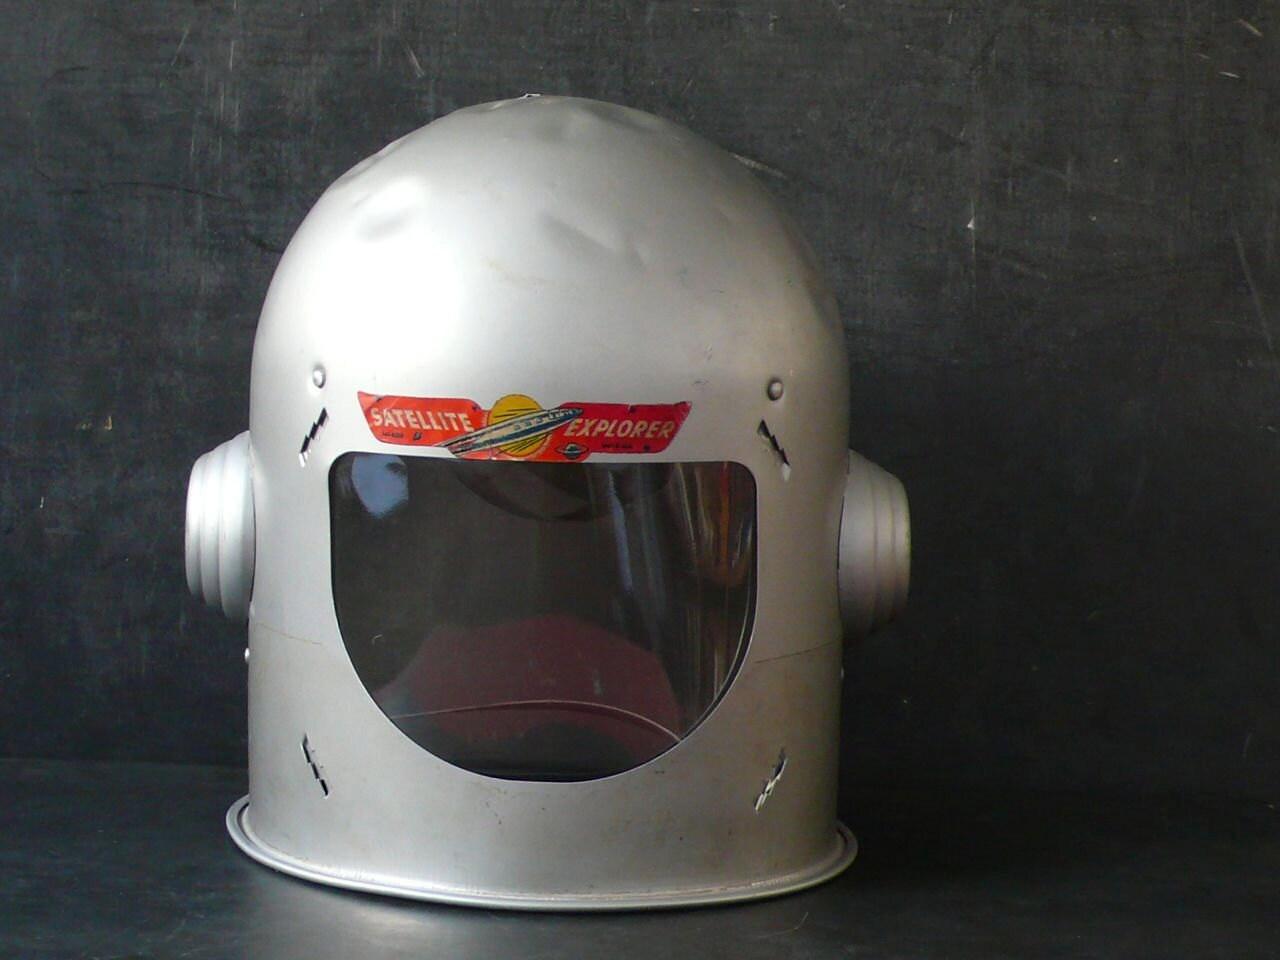 1950's Mirro Satellite Explorer Aluminum Space helmet.